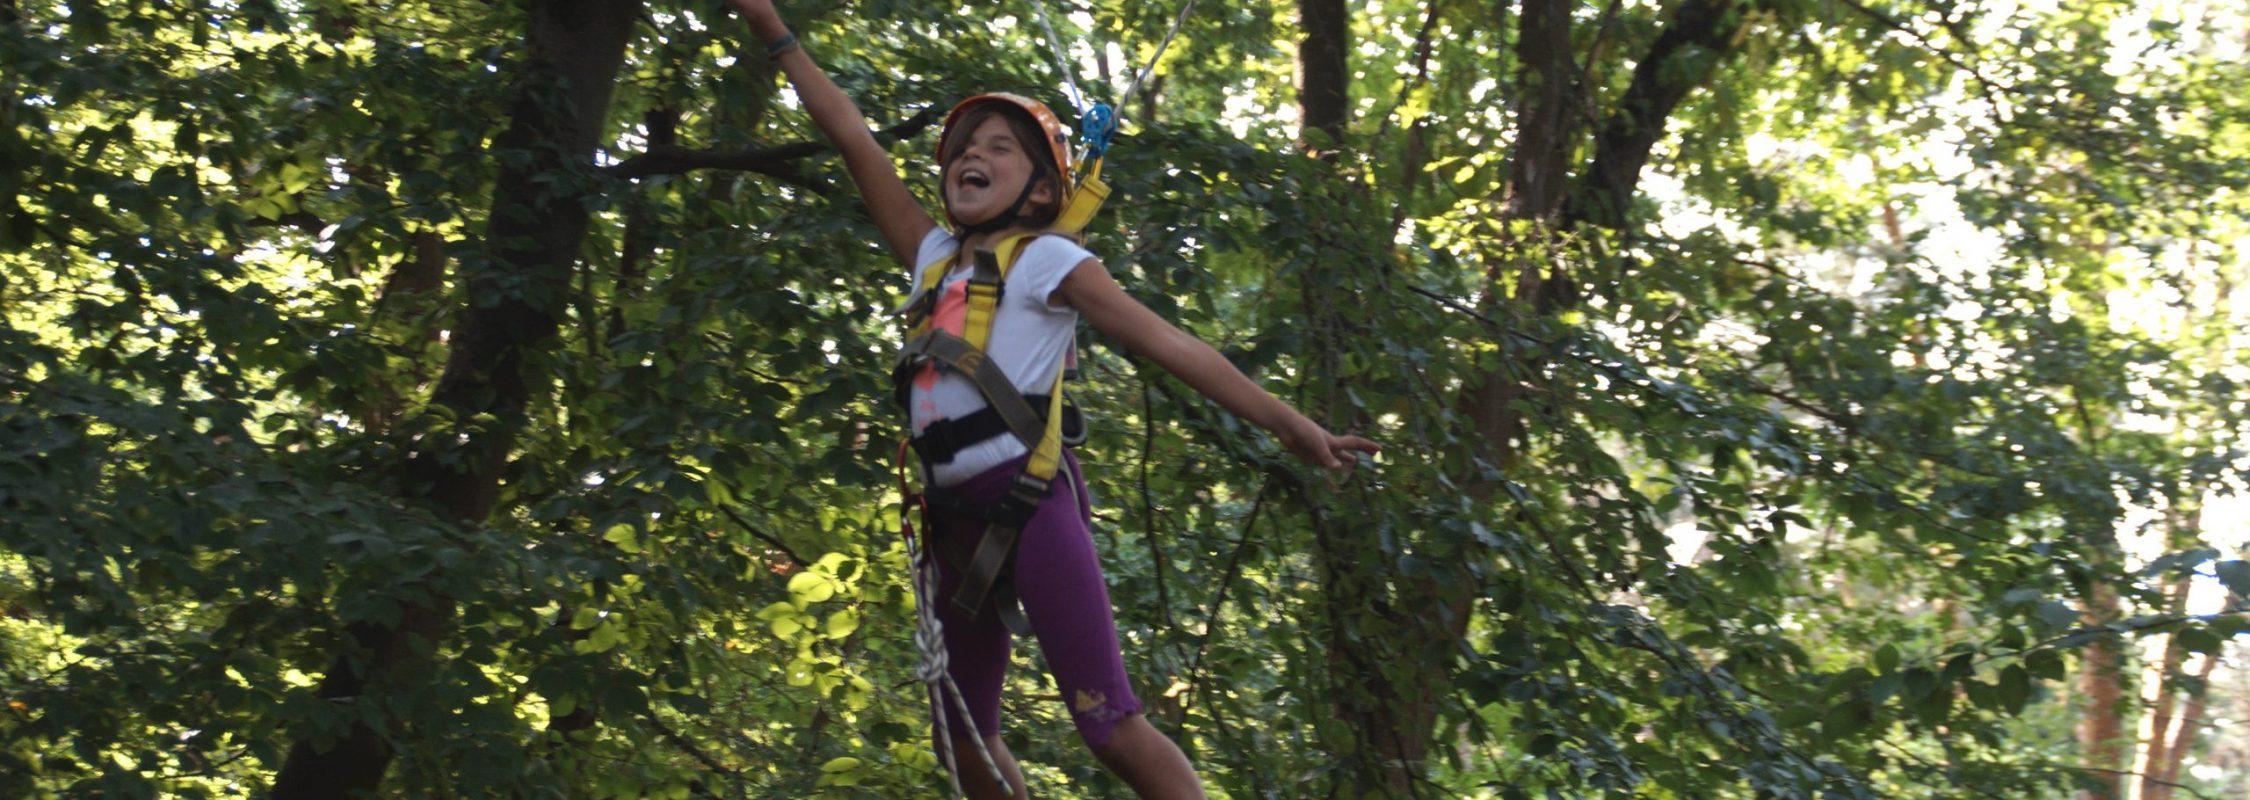 Inklusive Abenteuer- und Erlebnissporttage mit Seilkonstruktioen 2020